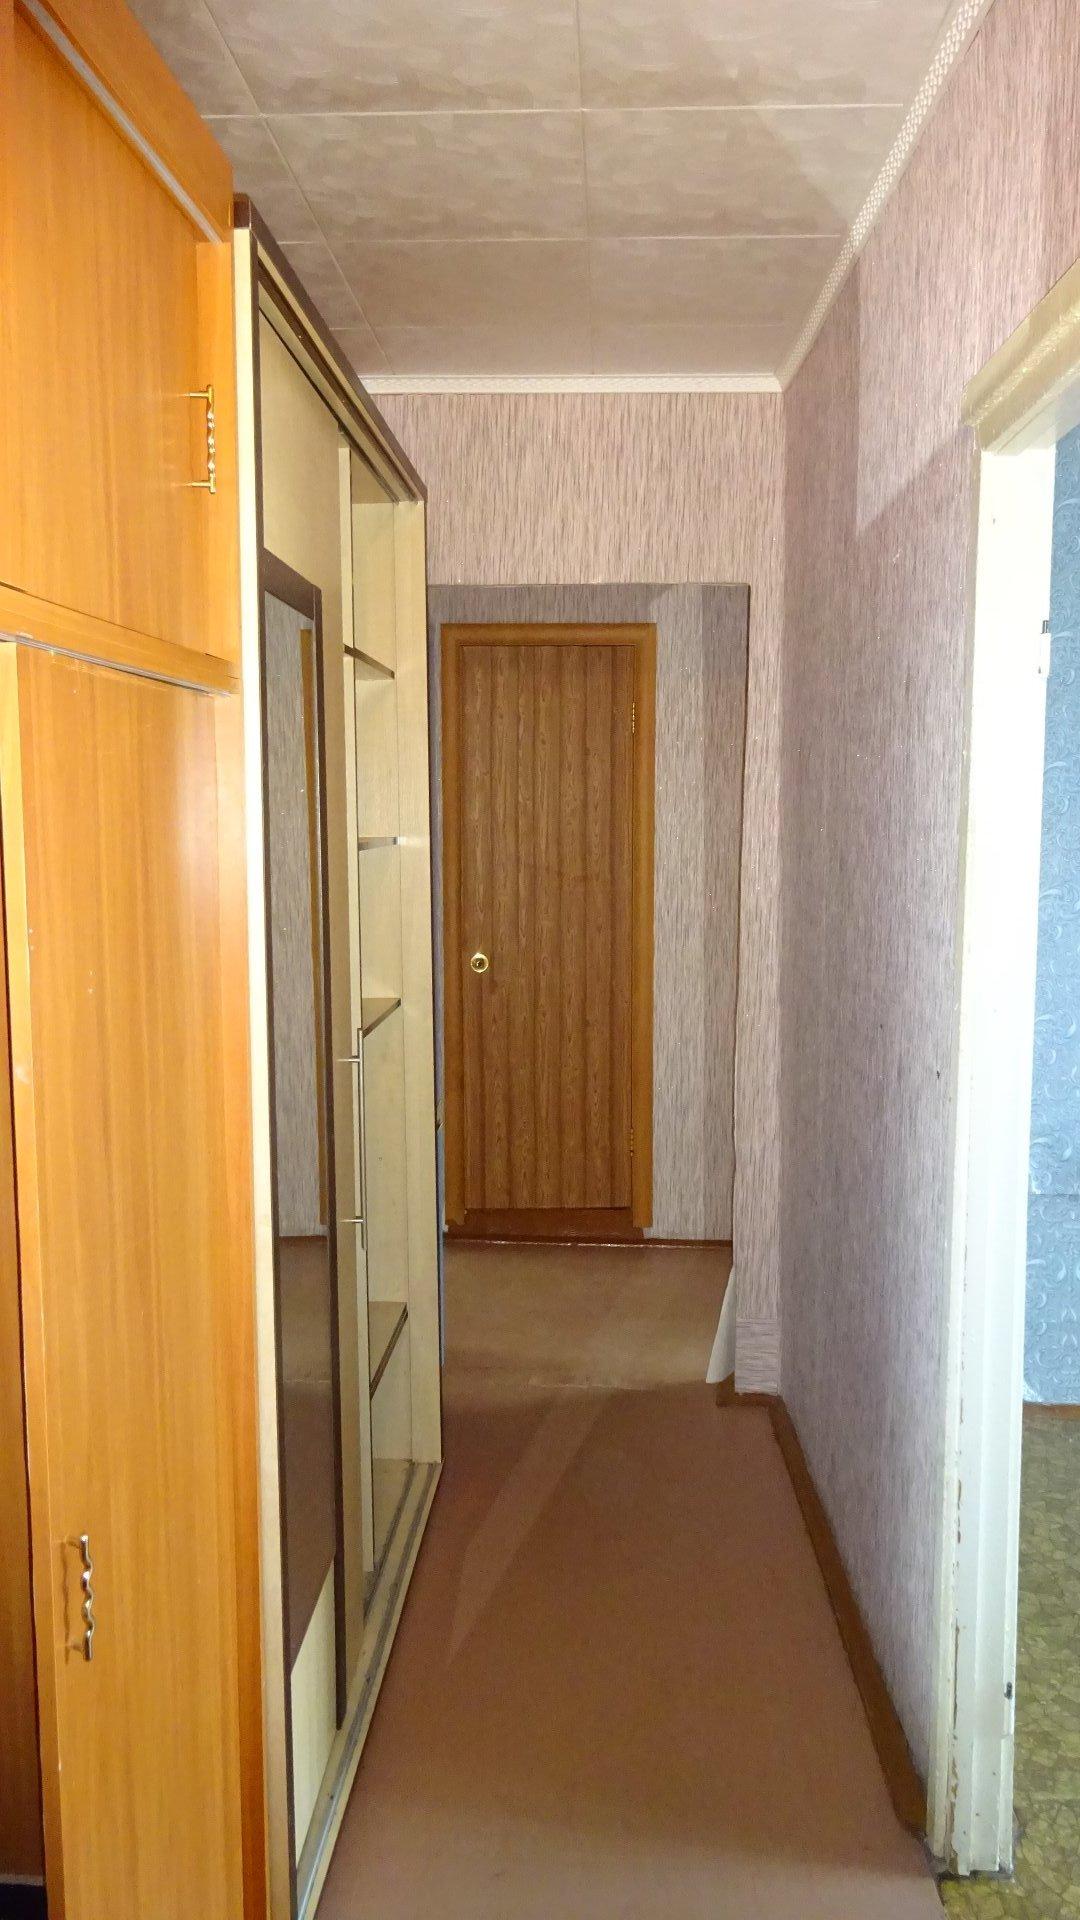 http://mielsever.3an.ru/files/1569736887_DSC04868.jpg